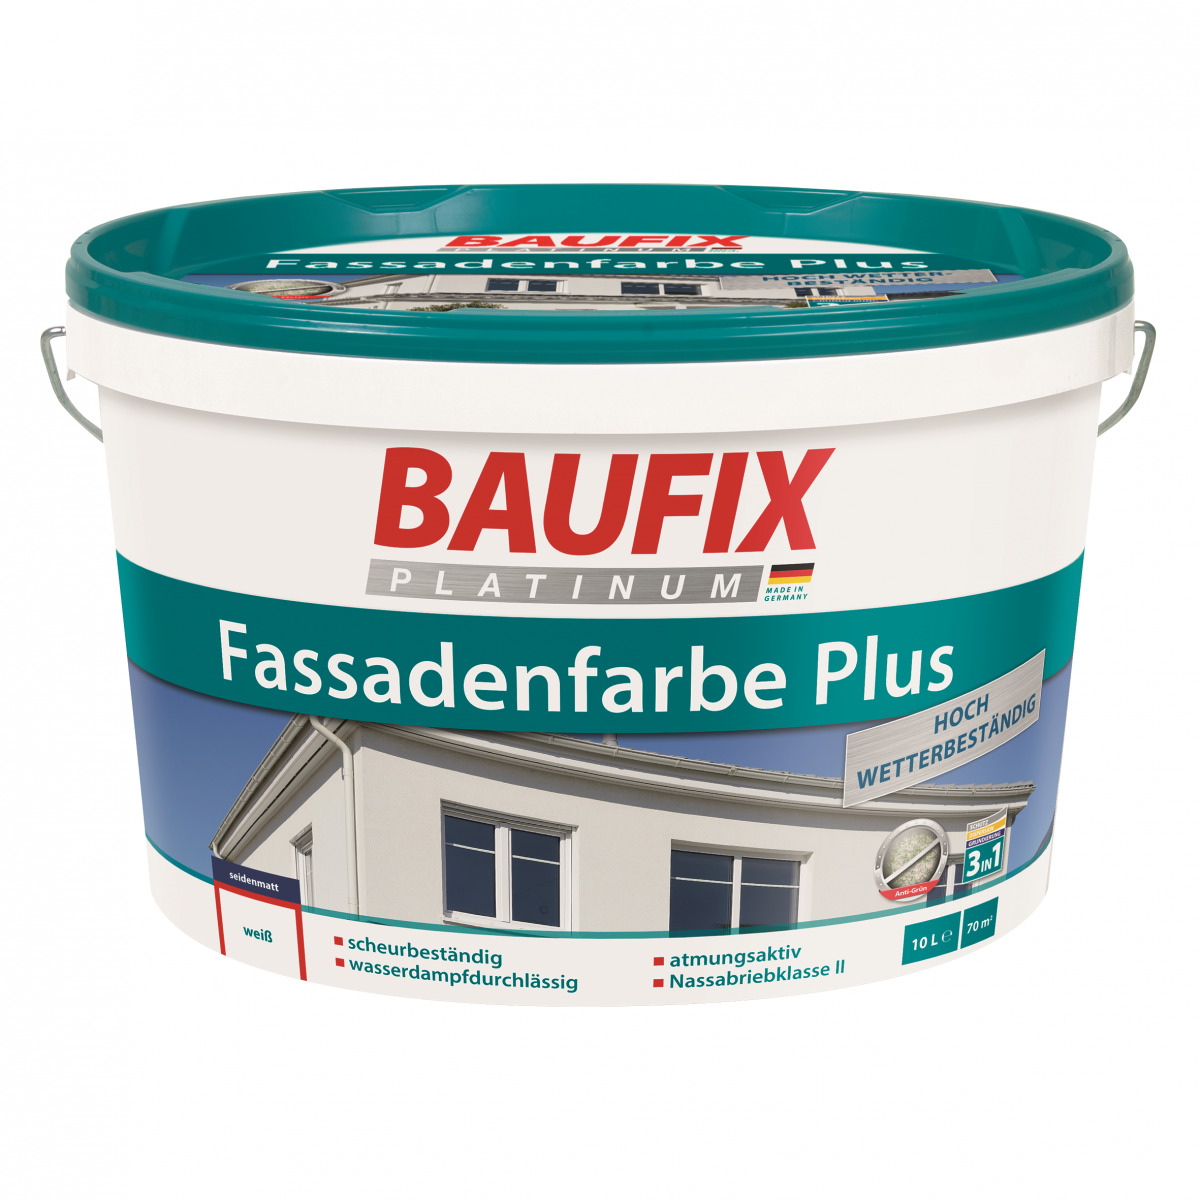 Bild 1 von BAUFIX Platinum FASSADENFARBE PLUS